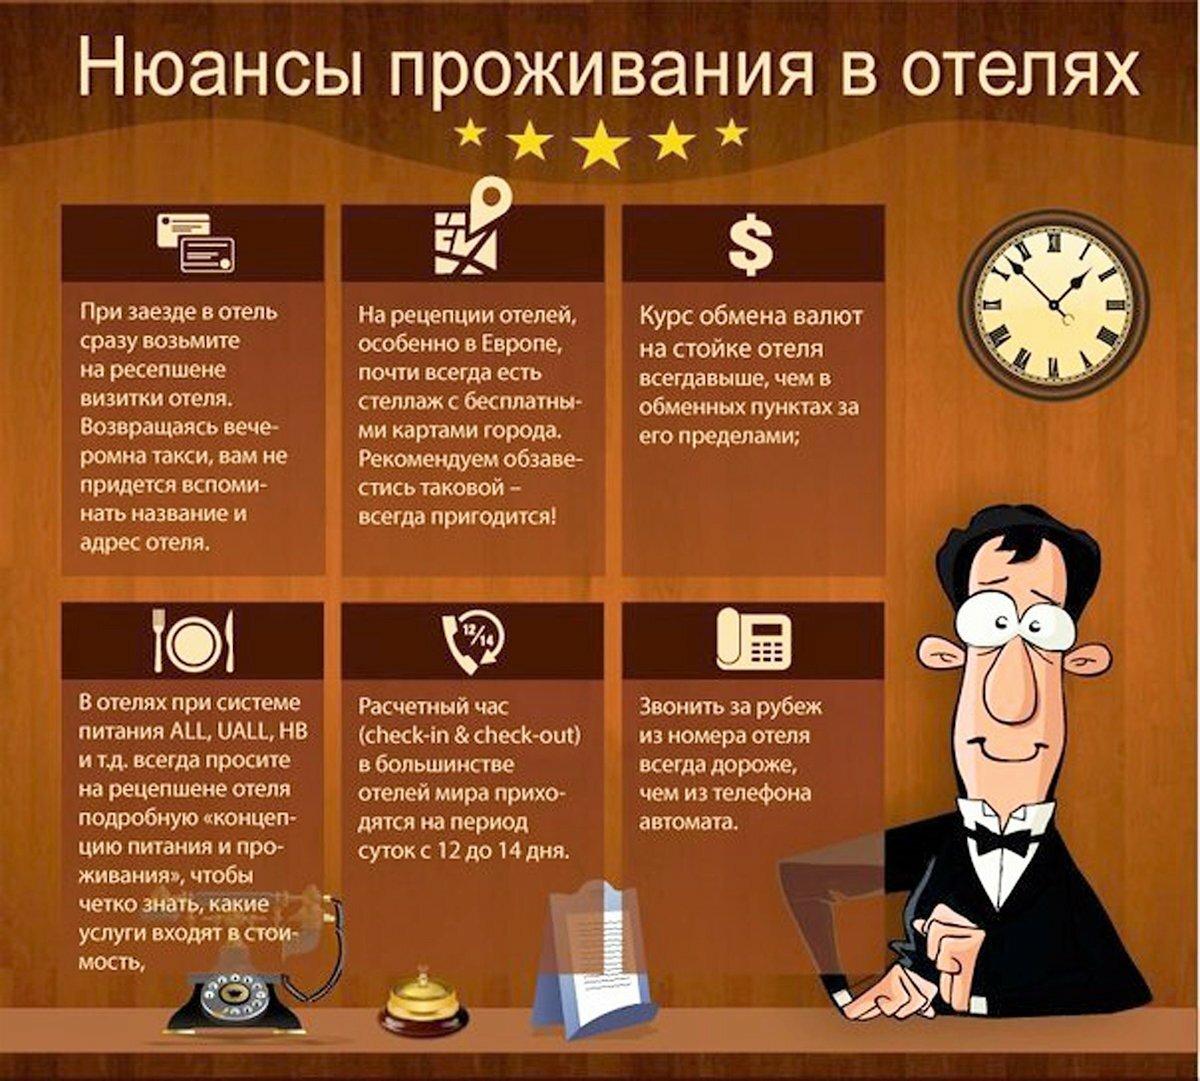 Понятие об информации. представление информации